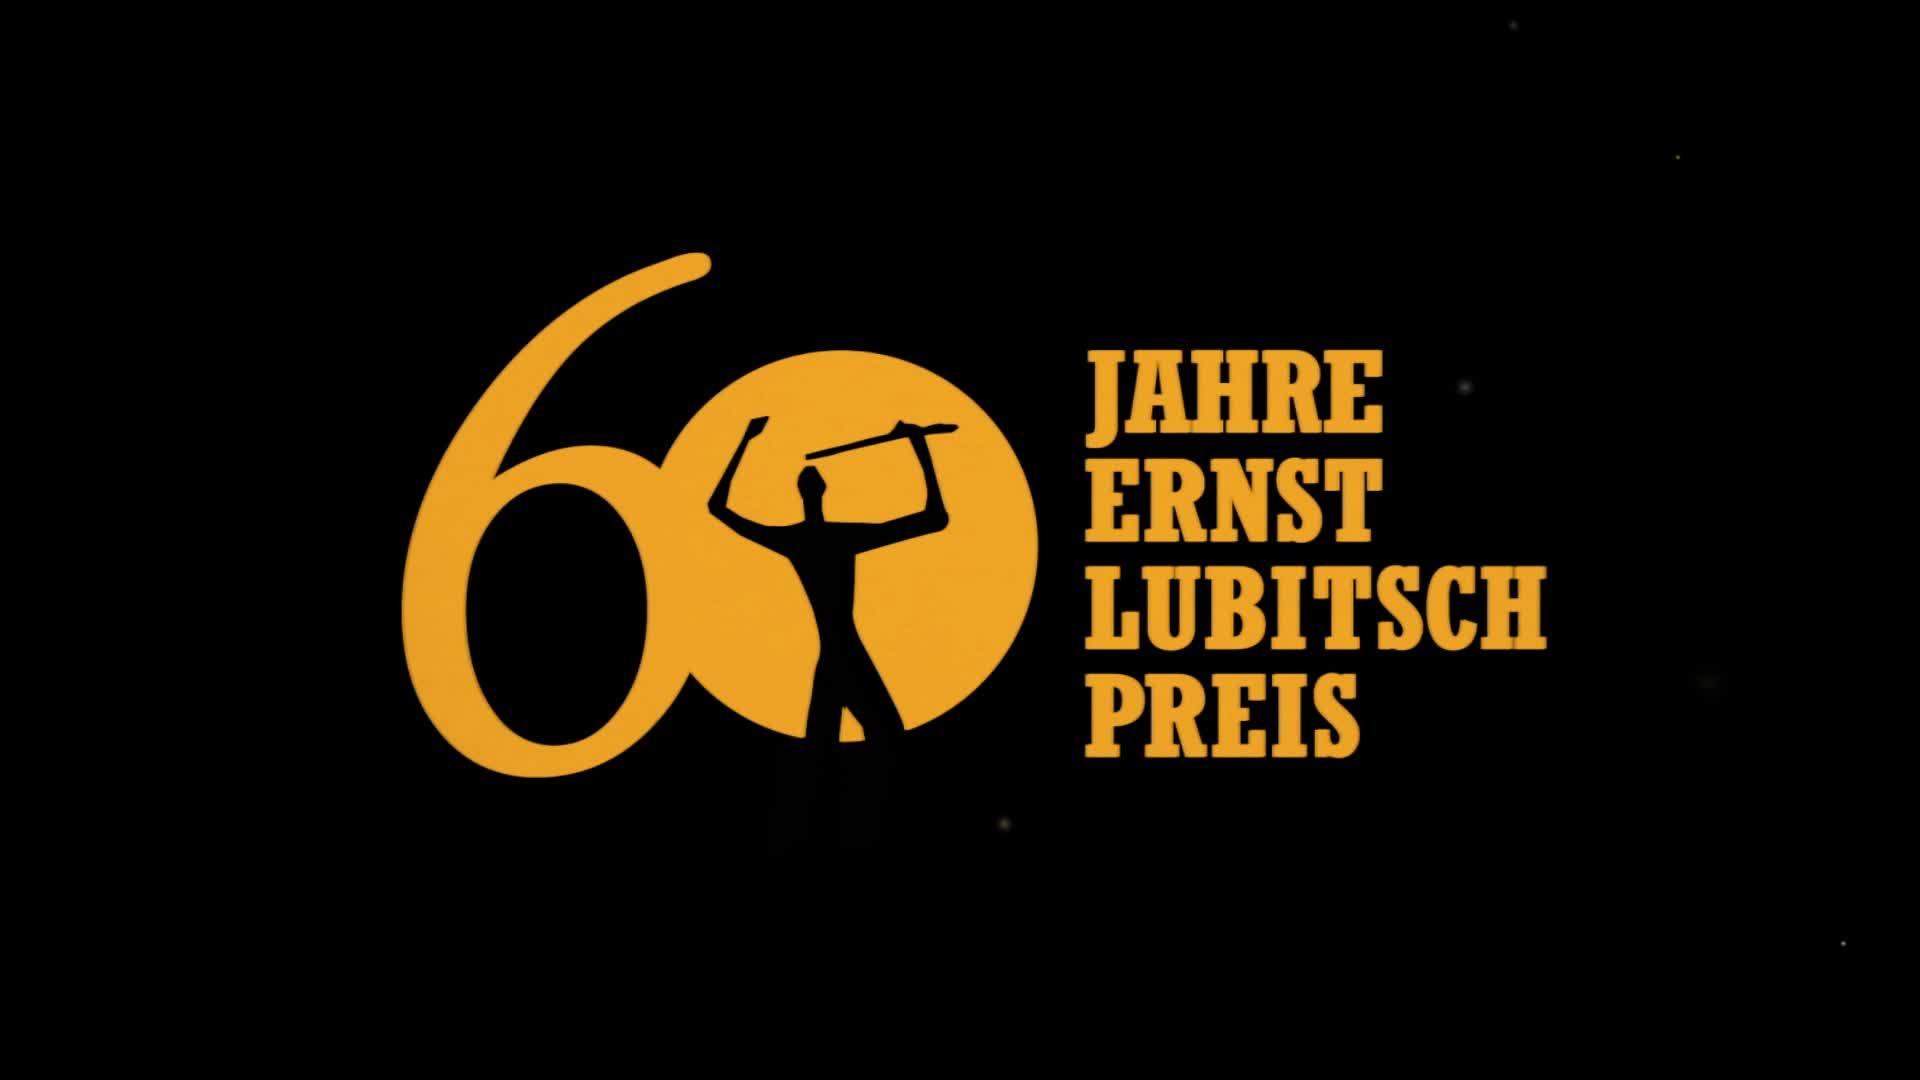 60 Jahre Ernst-Lubitsch-Preis